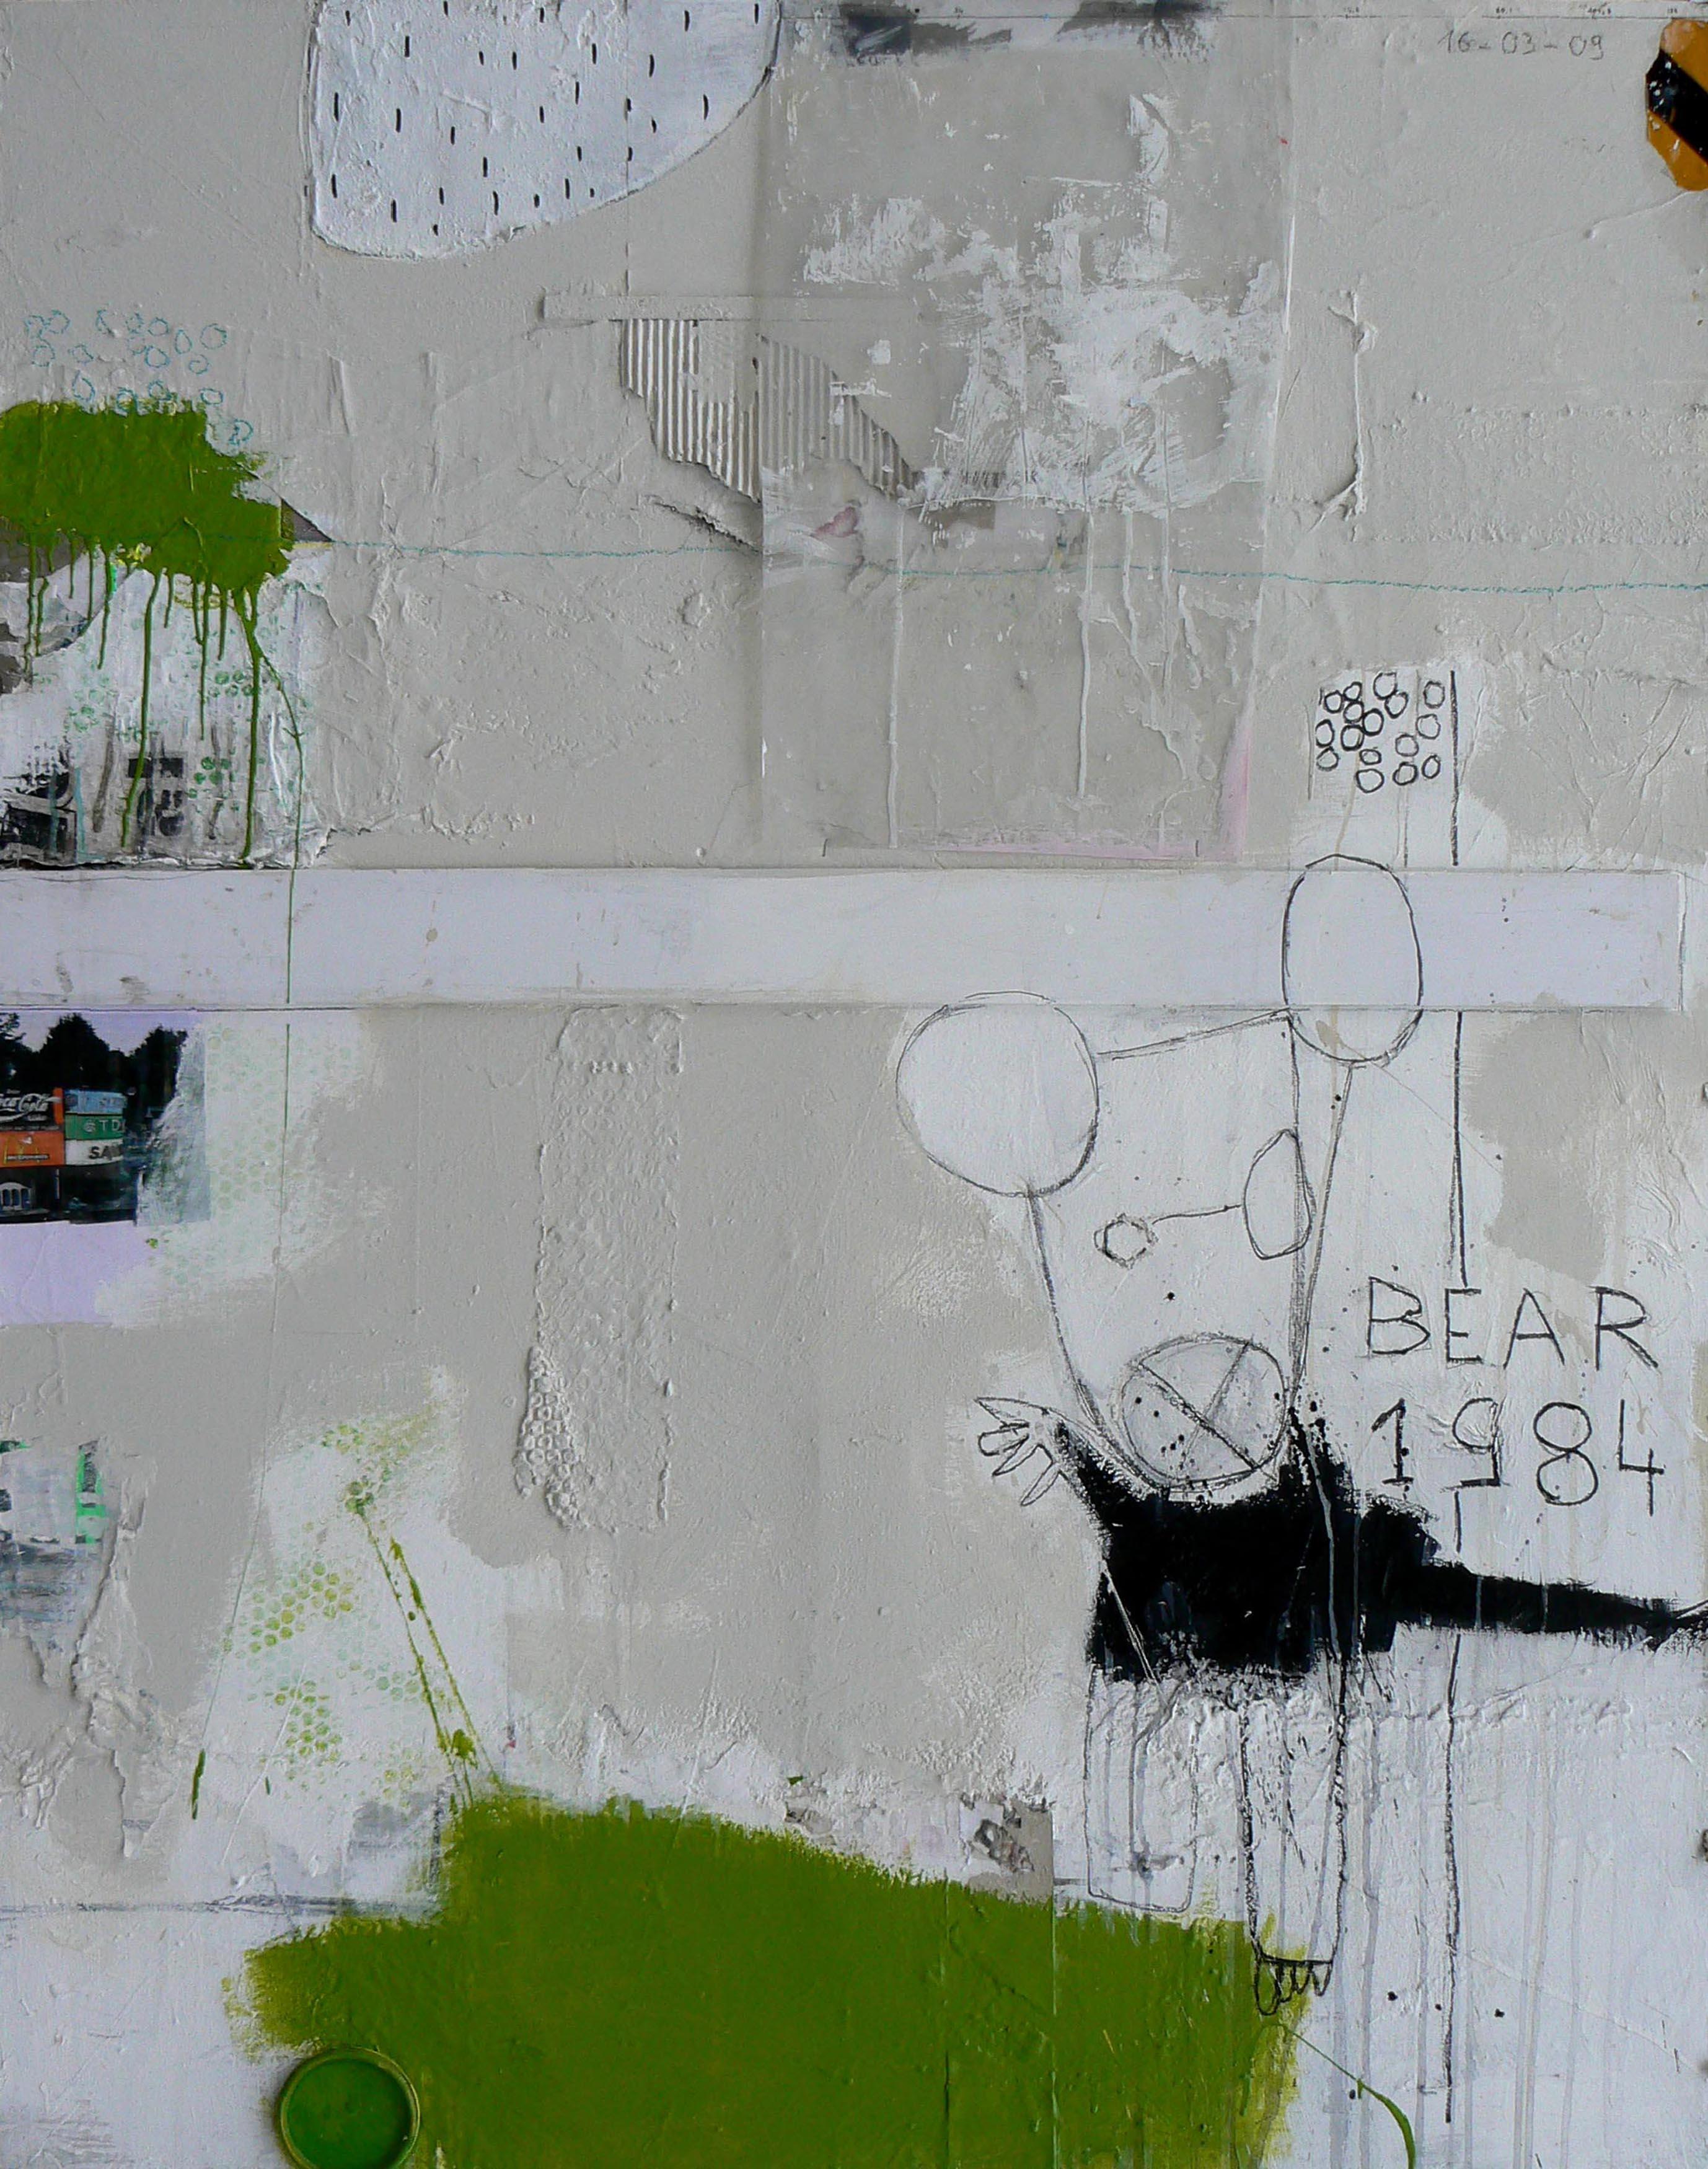 bear1984